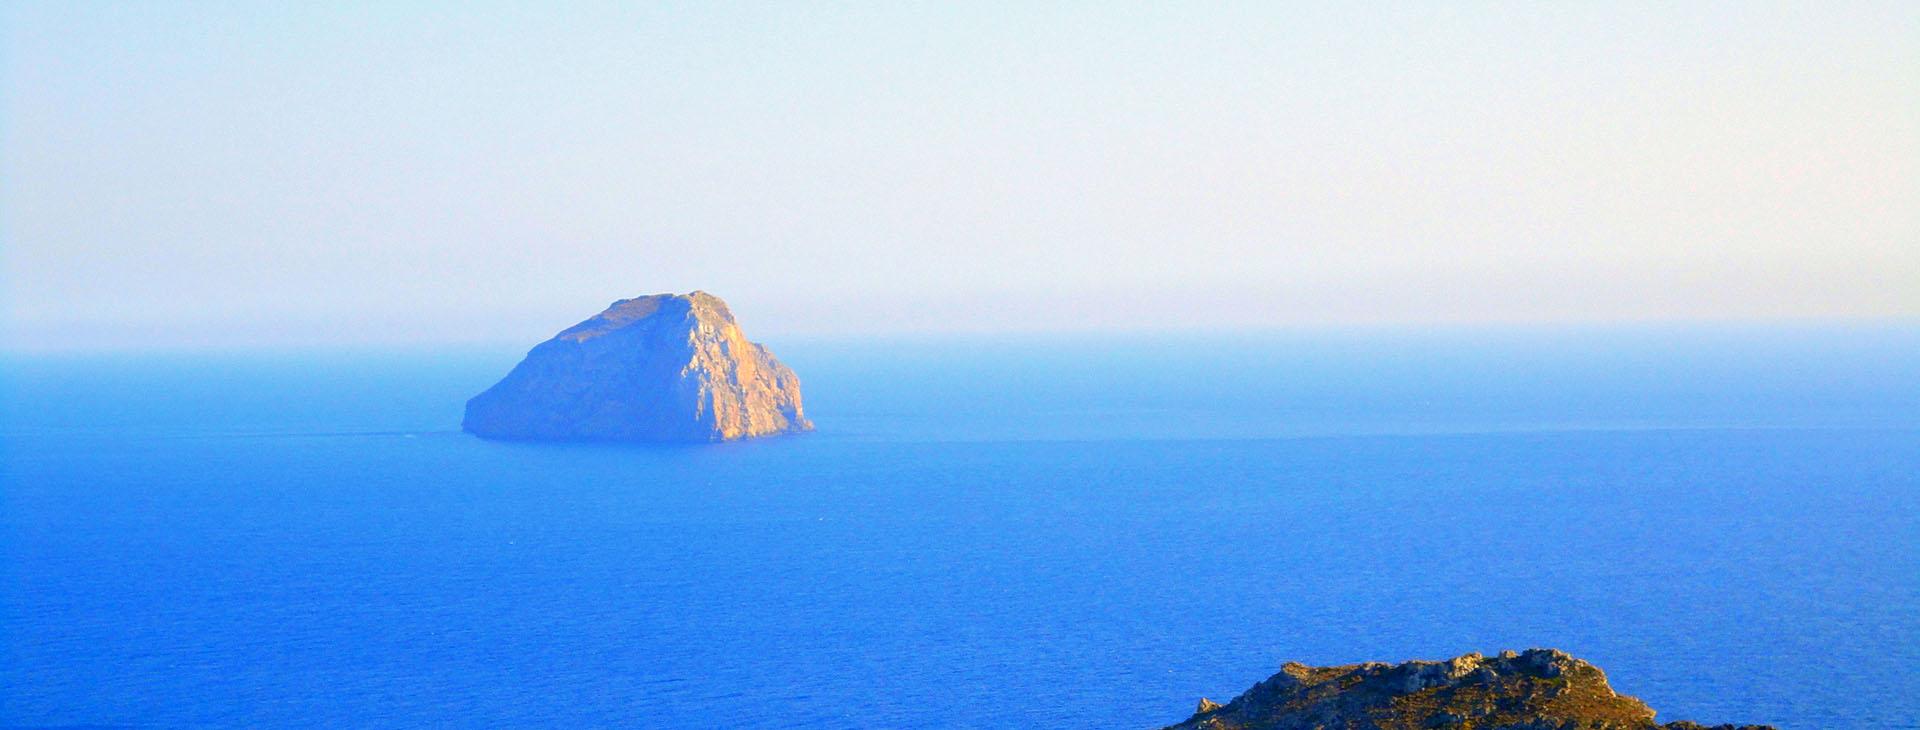 Hytra islet, Kythira island